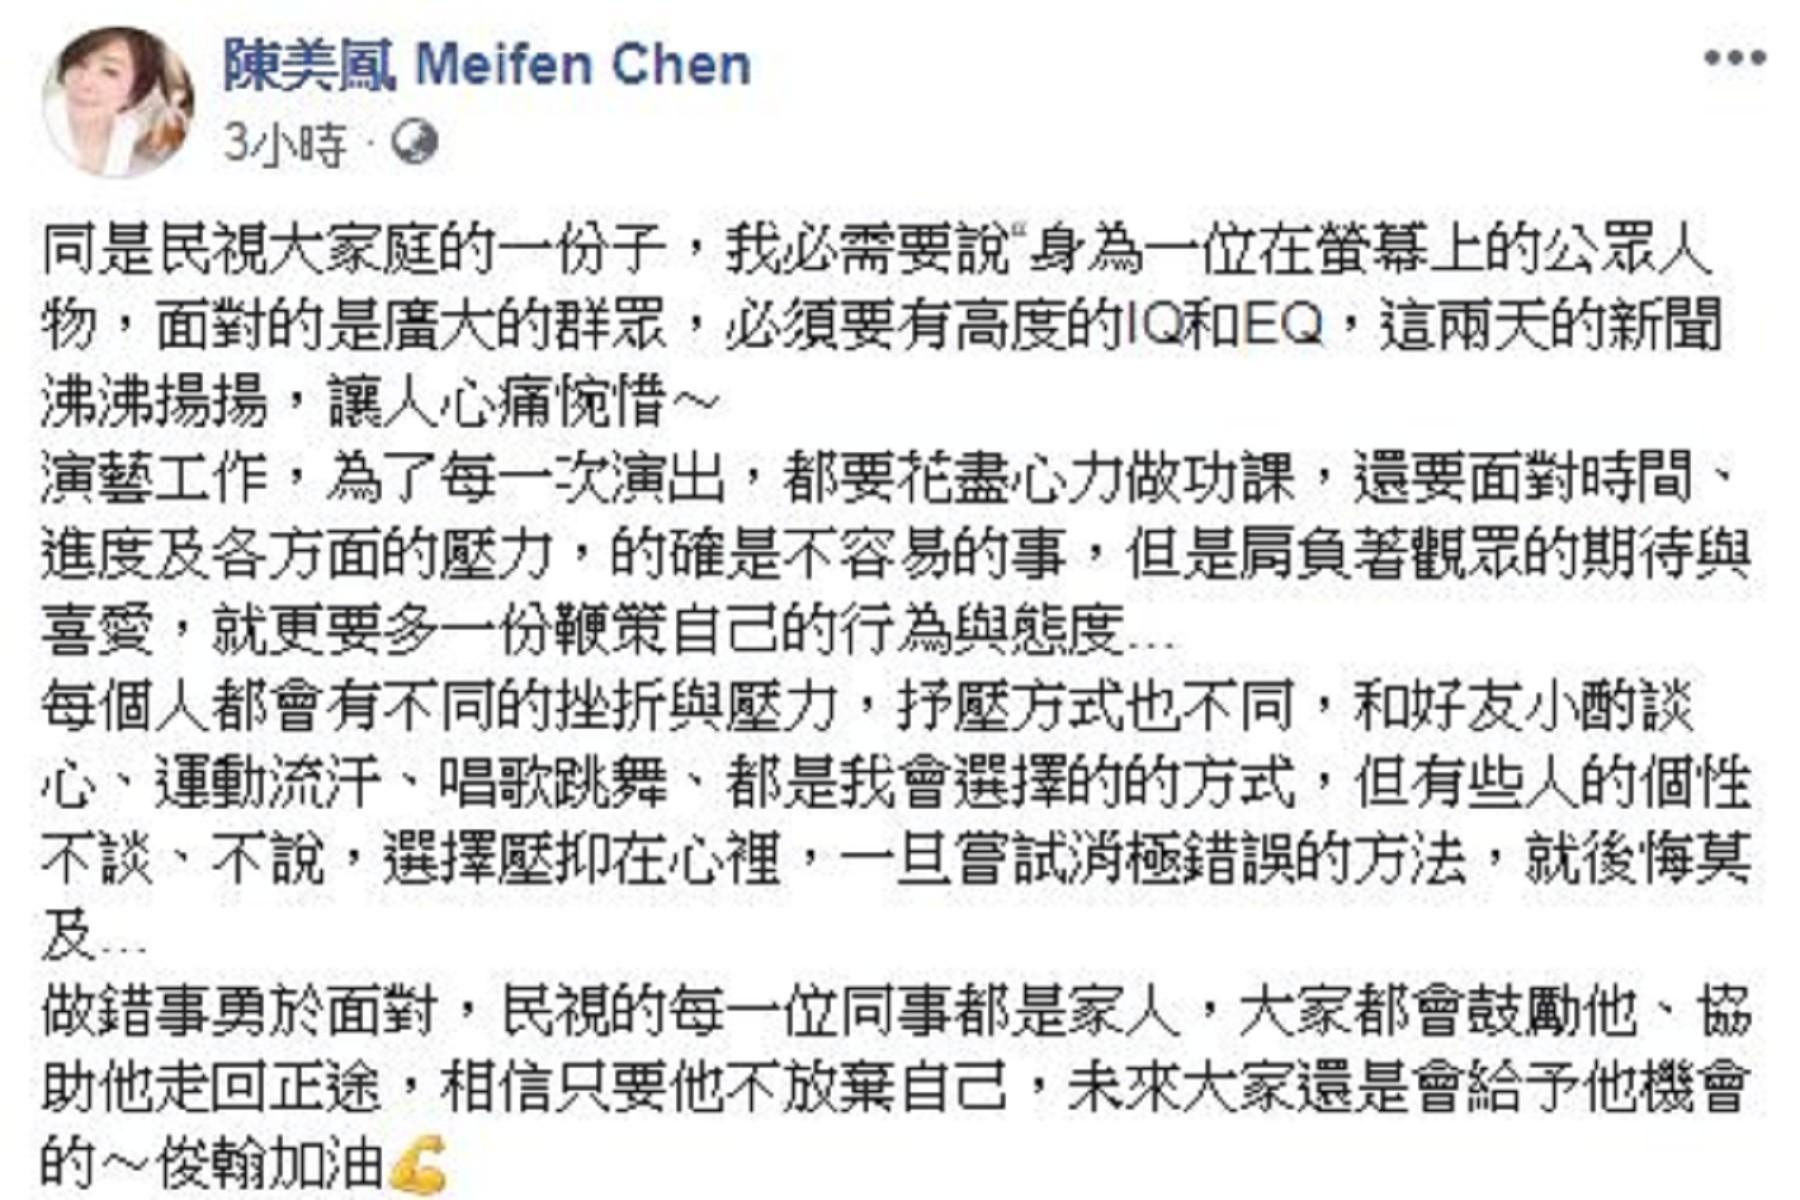 圖/翻攝自陳美鳳 Meifen Chen臉書